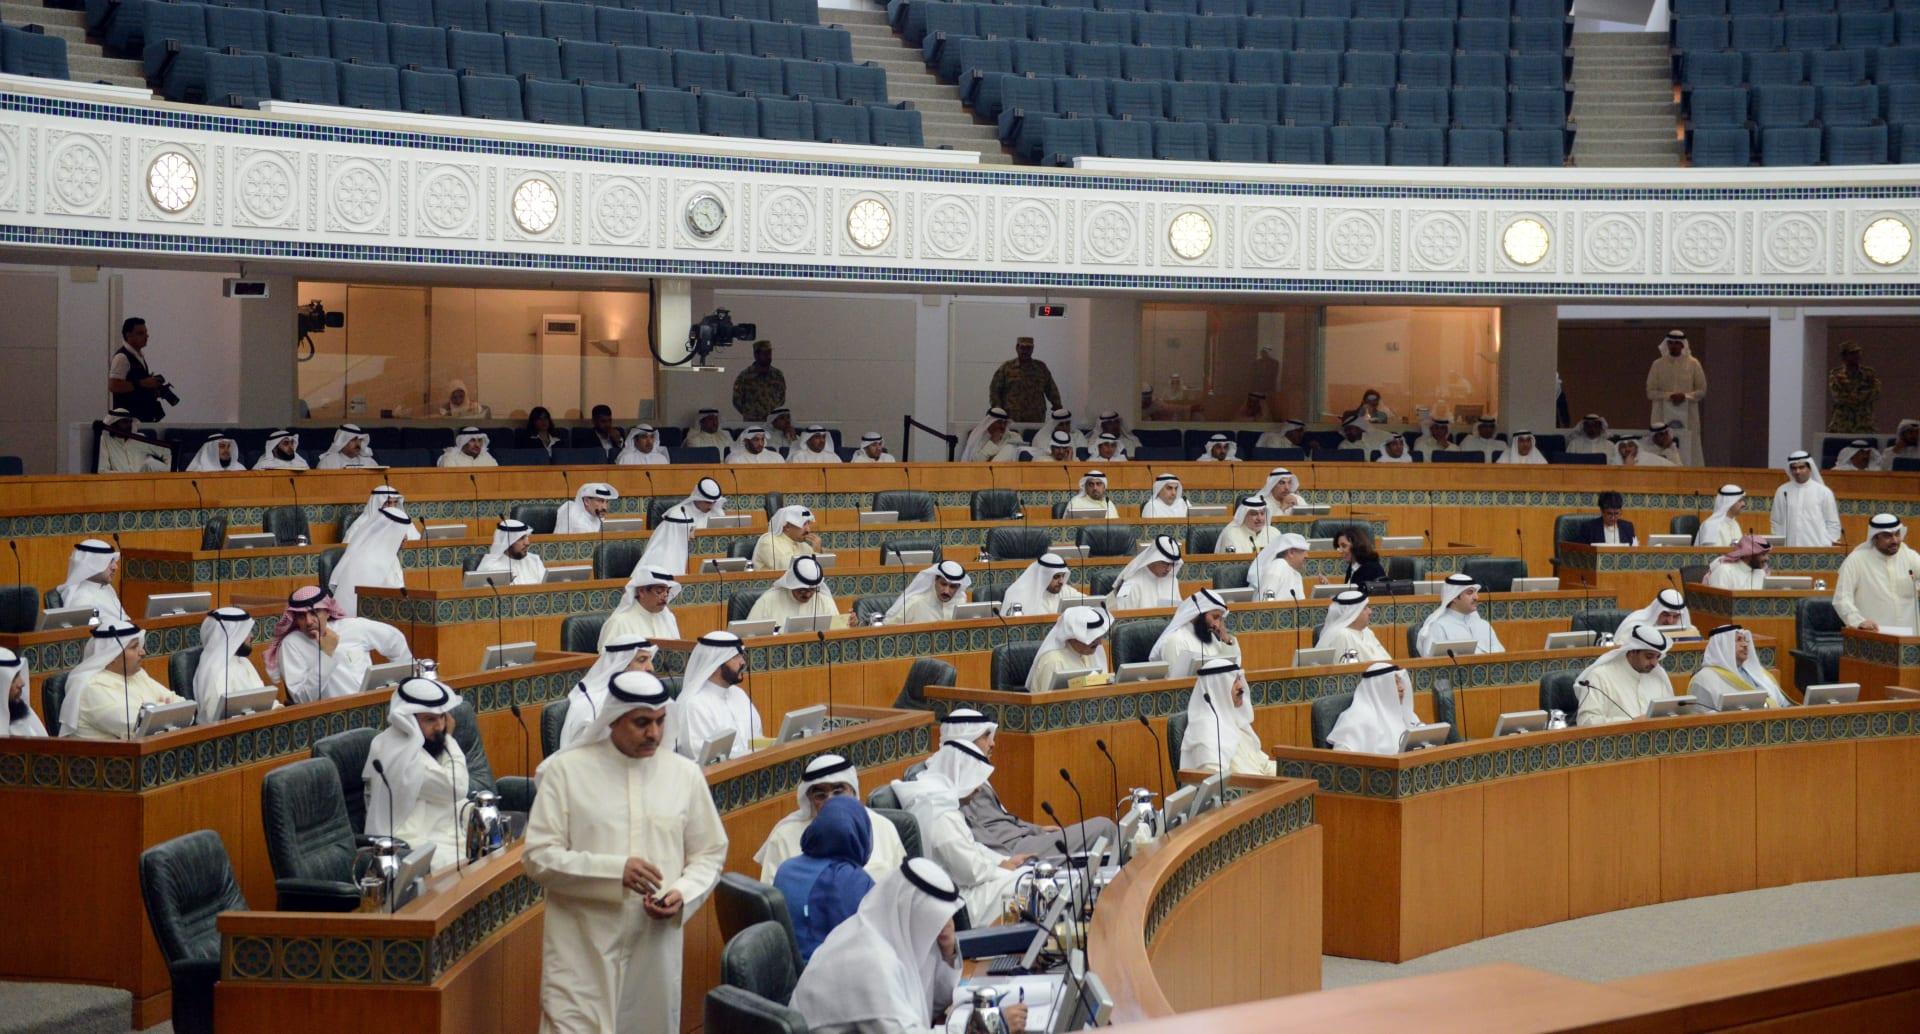 قانون كويتي جديد للتقاعد المبكر يحمل 7 مزايا للمواطن.. فما هي؟